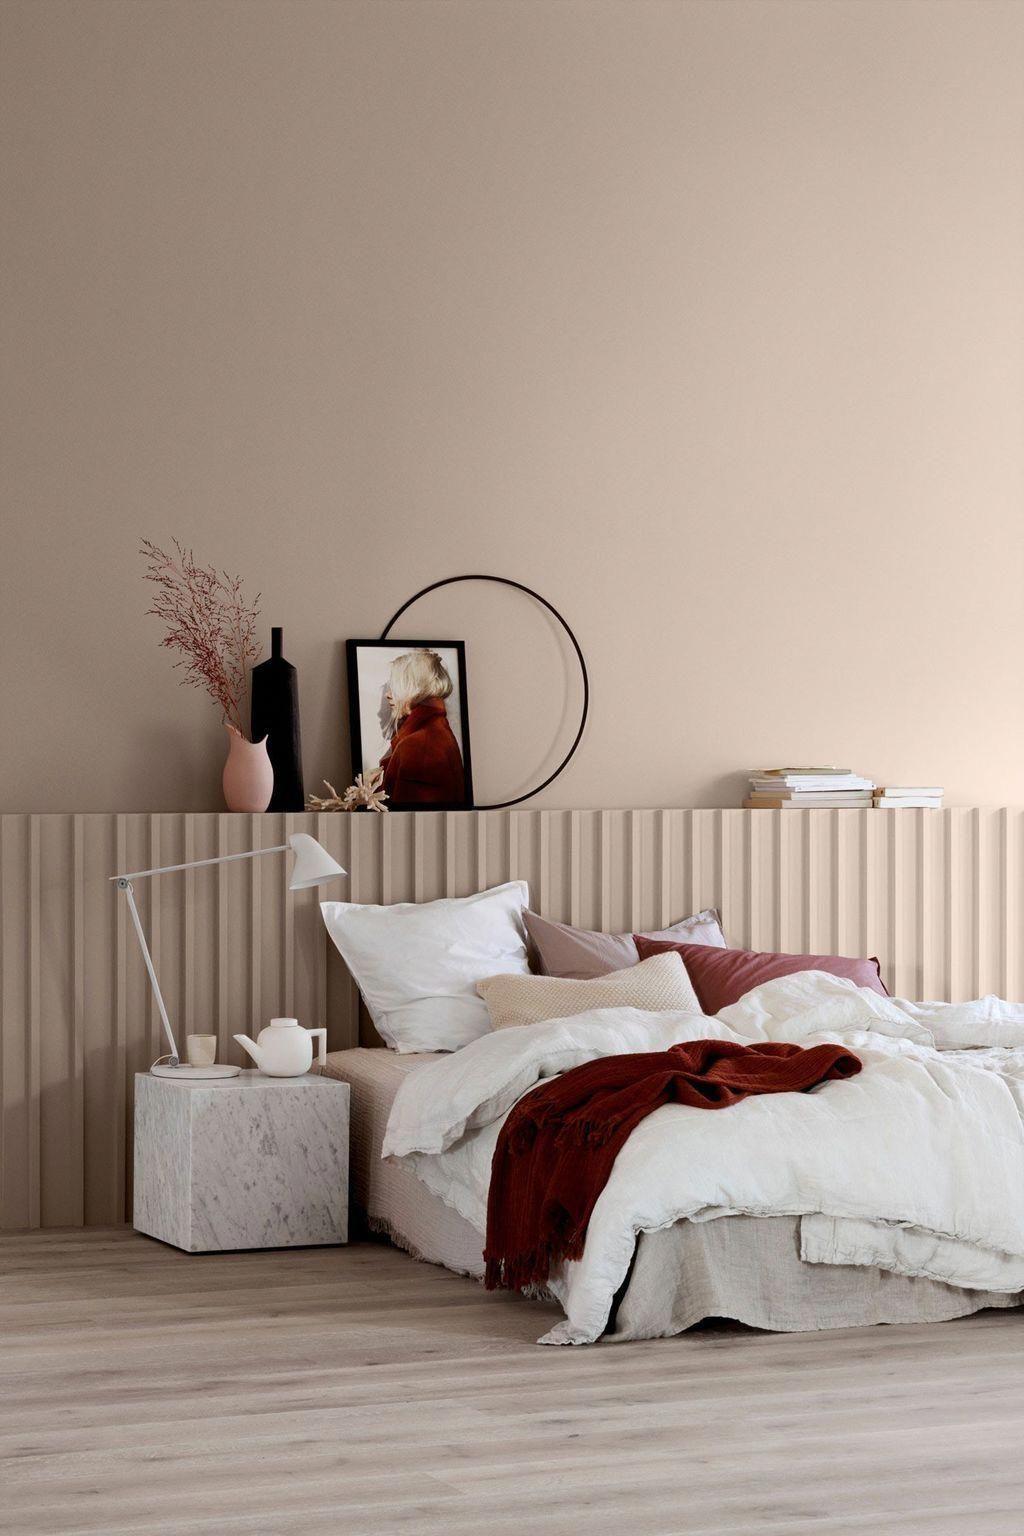 Beau Top Furniture Brands. Top Furniture Brands Bedroom Color ...